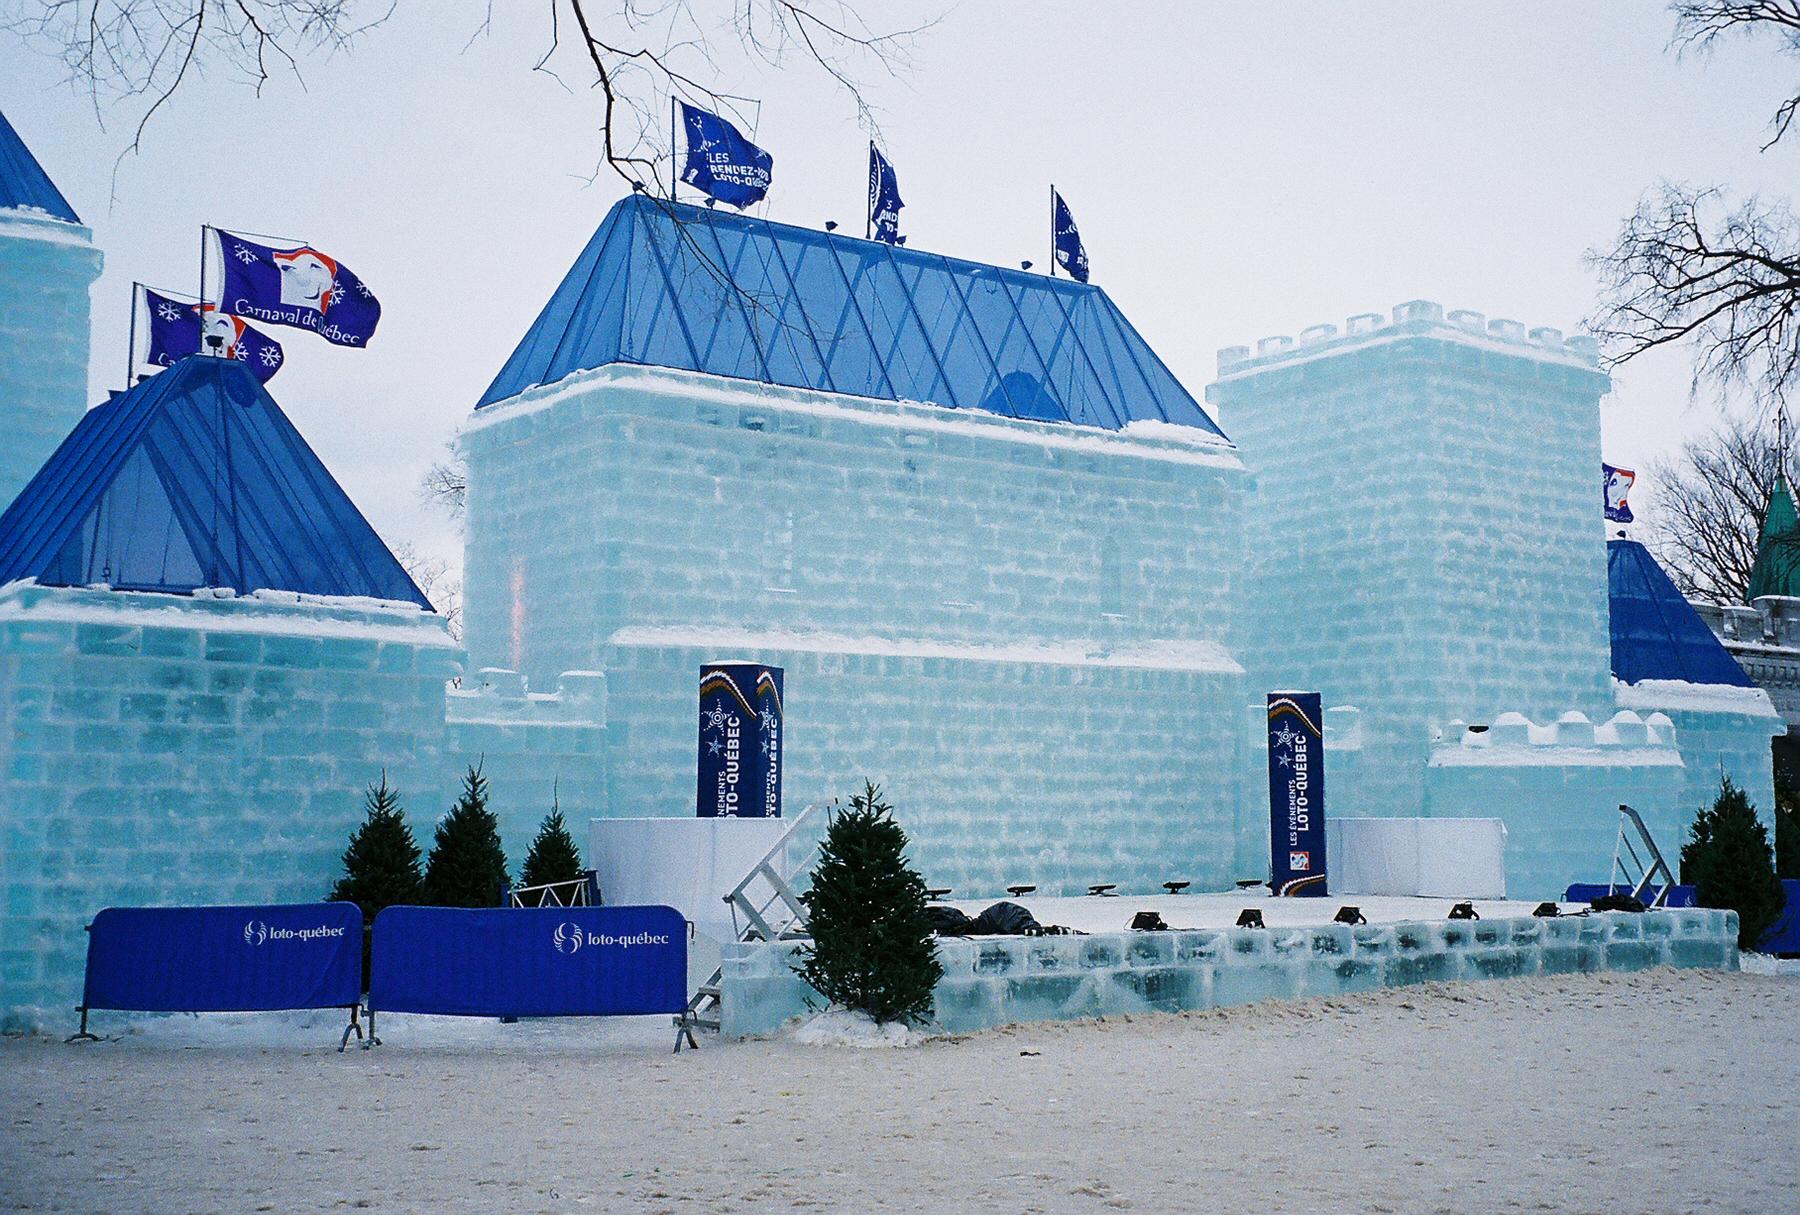 Ice Sculpture Wikipedia